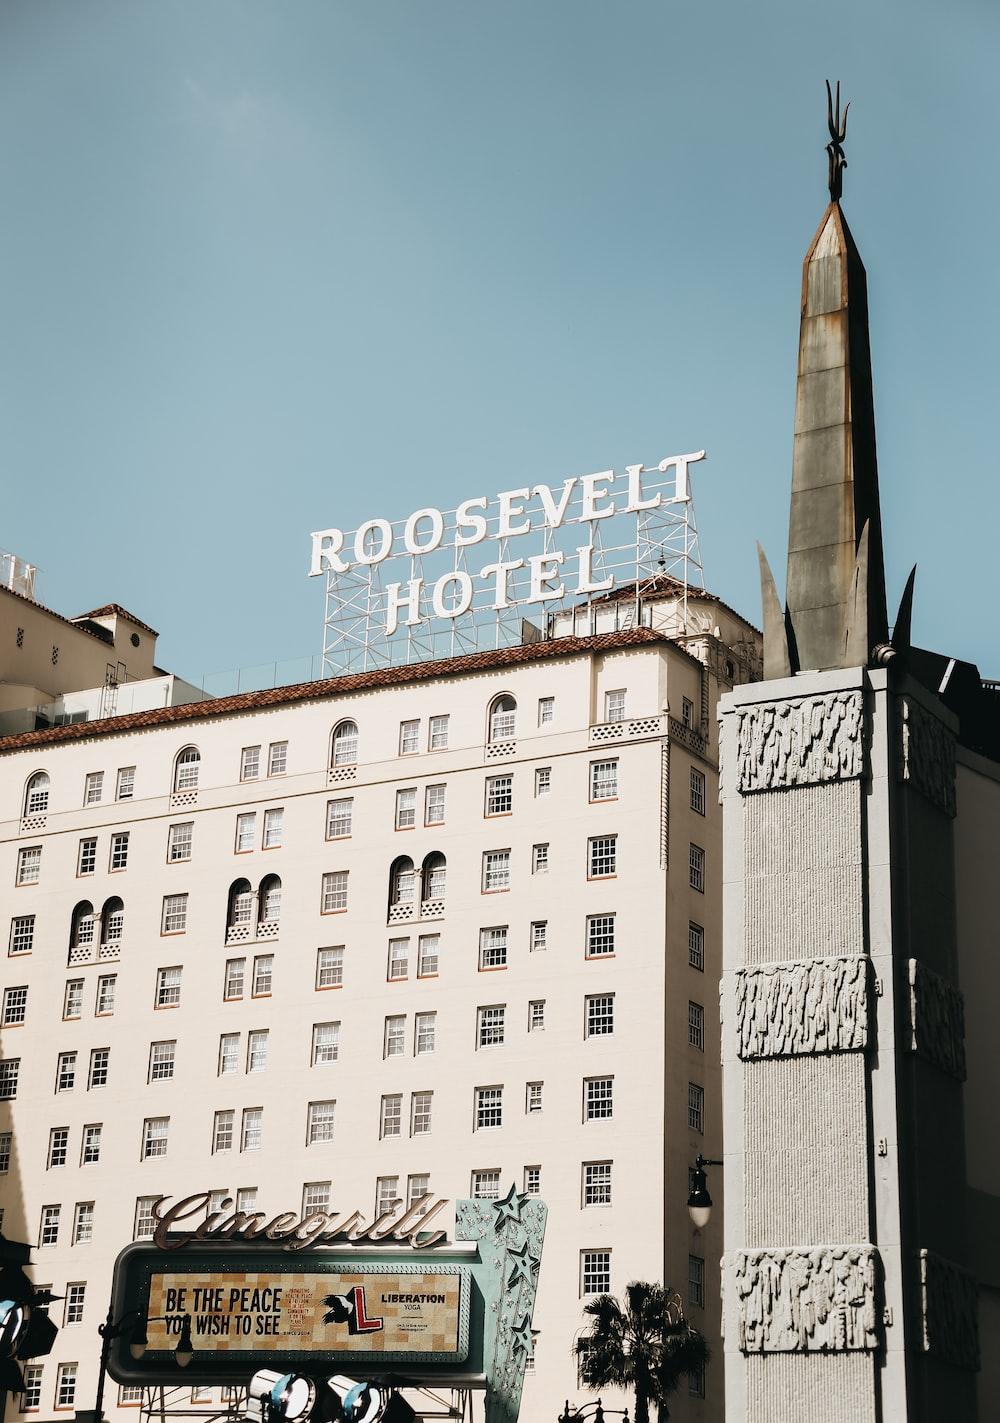 Roosevelt Hotel signage